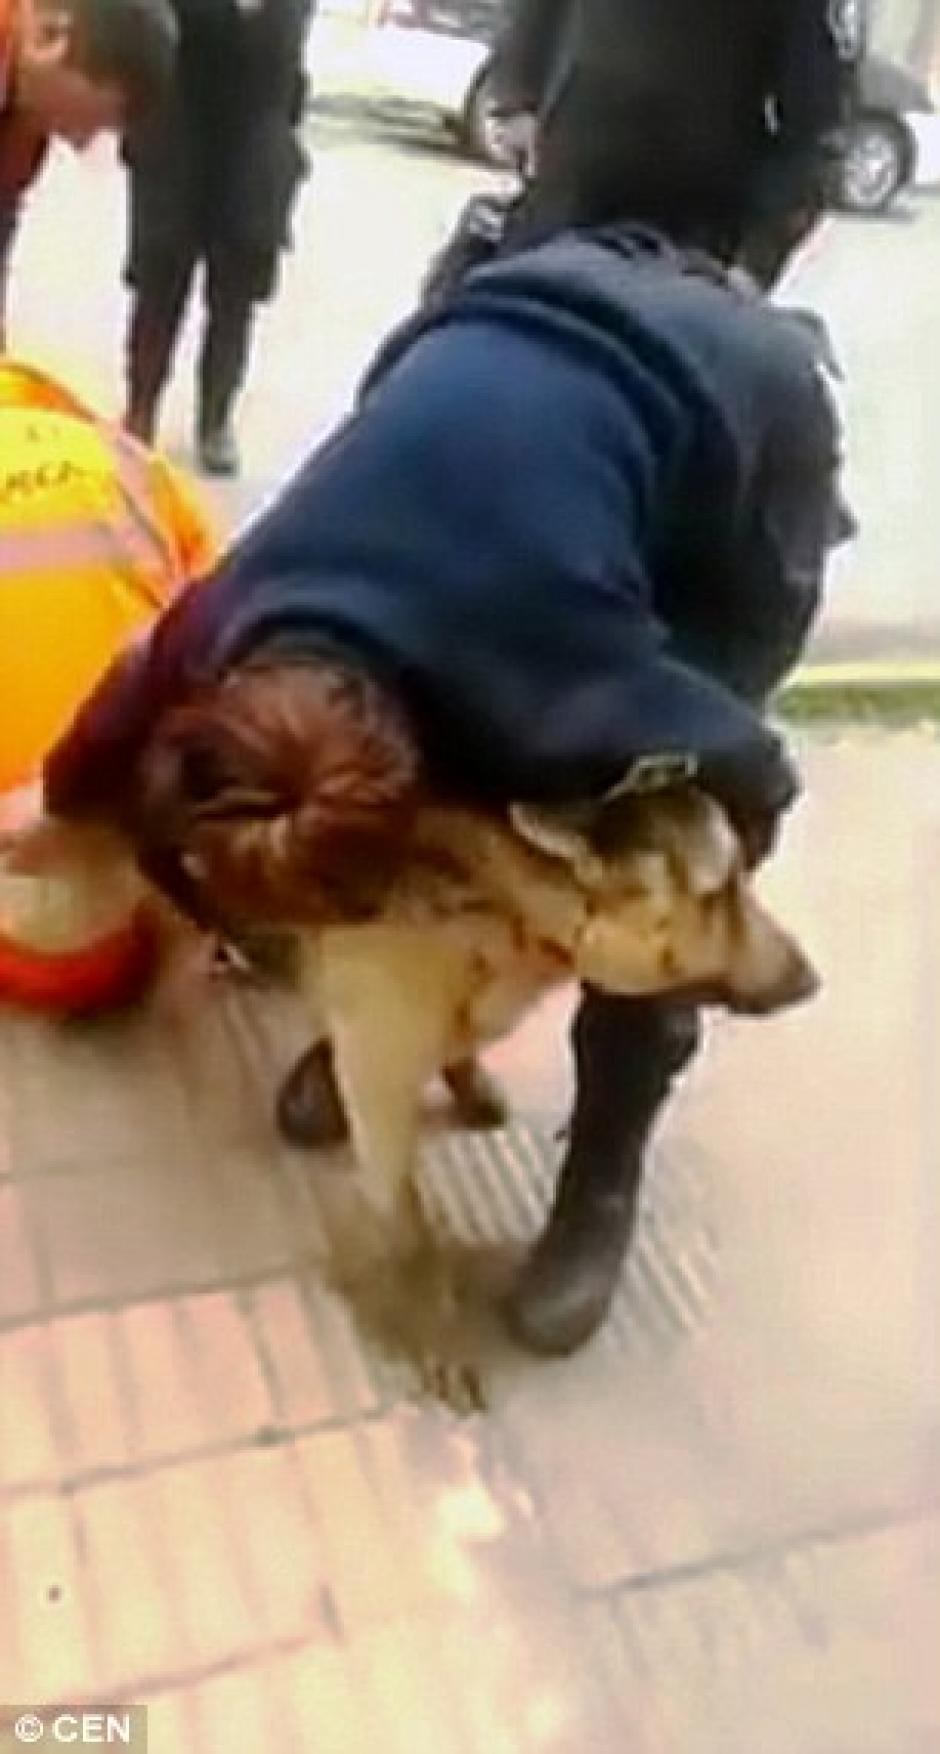 Las autoridades ahora se encargaran de cuidar al perro. (Foto: dailymail.co.uk)